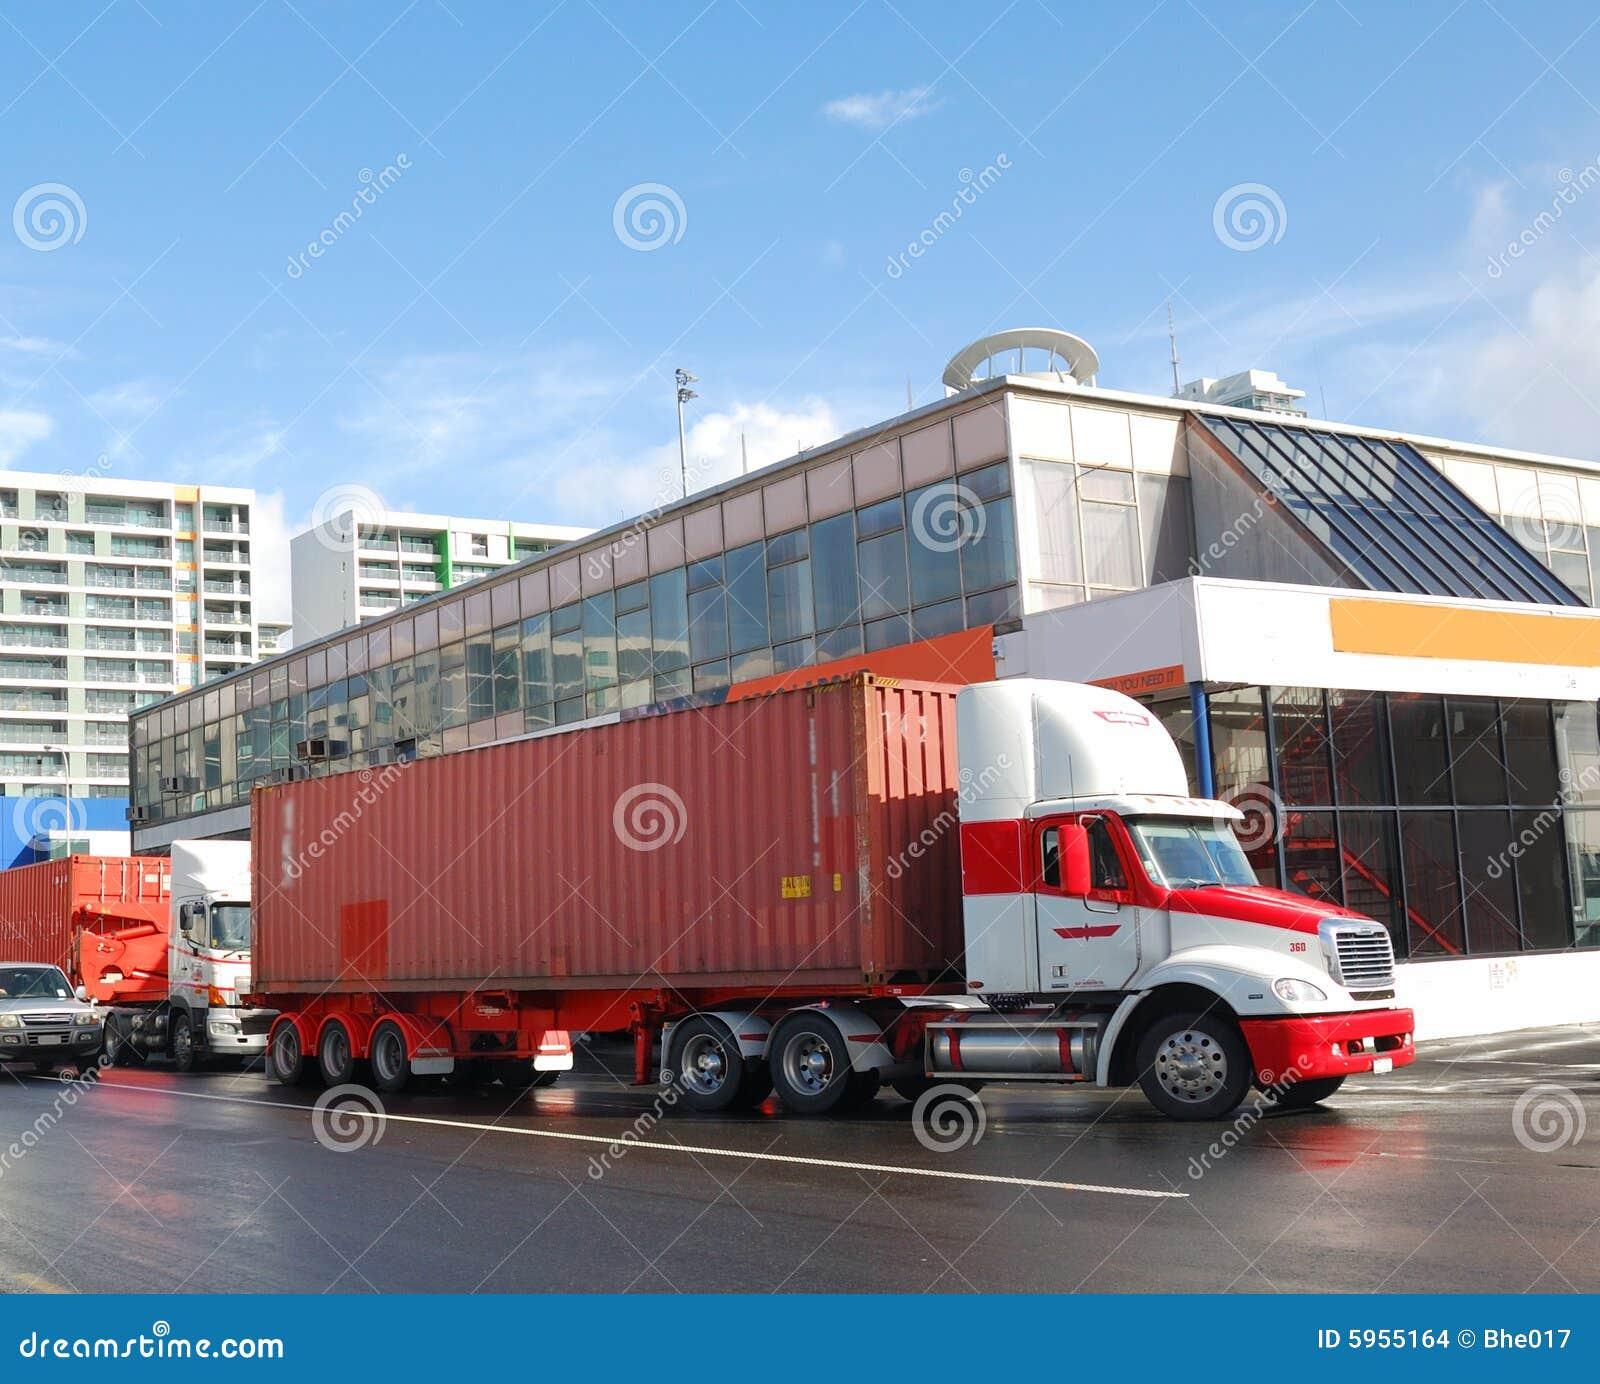 Camions de conteneur